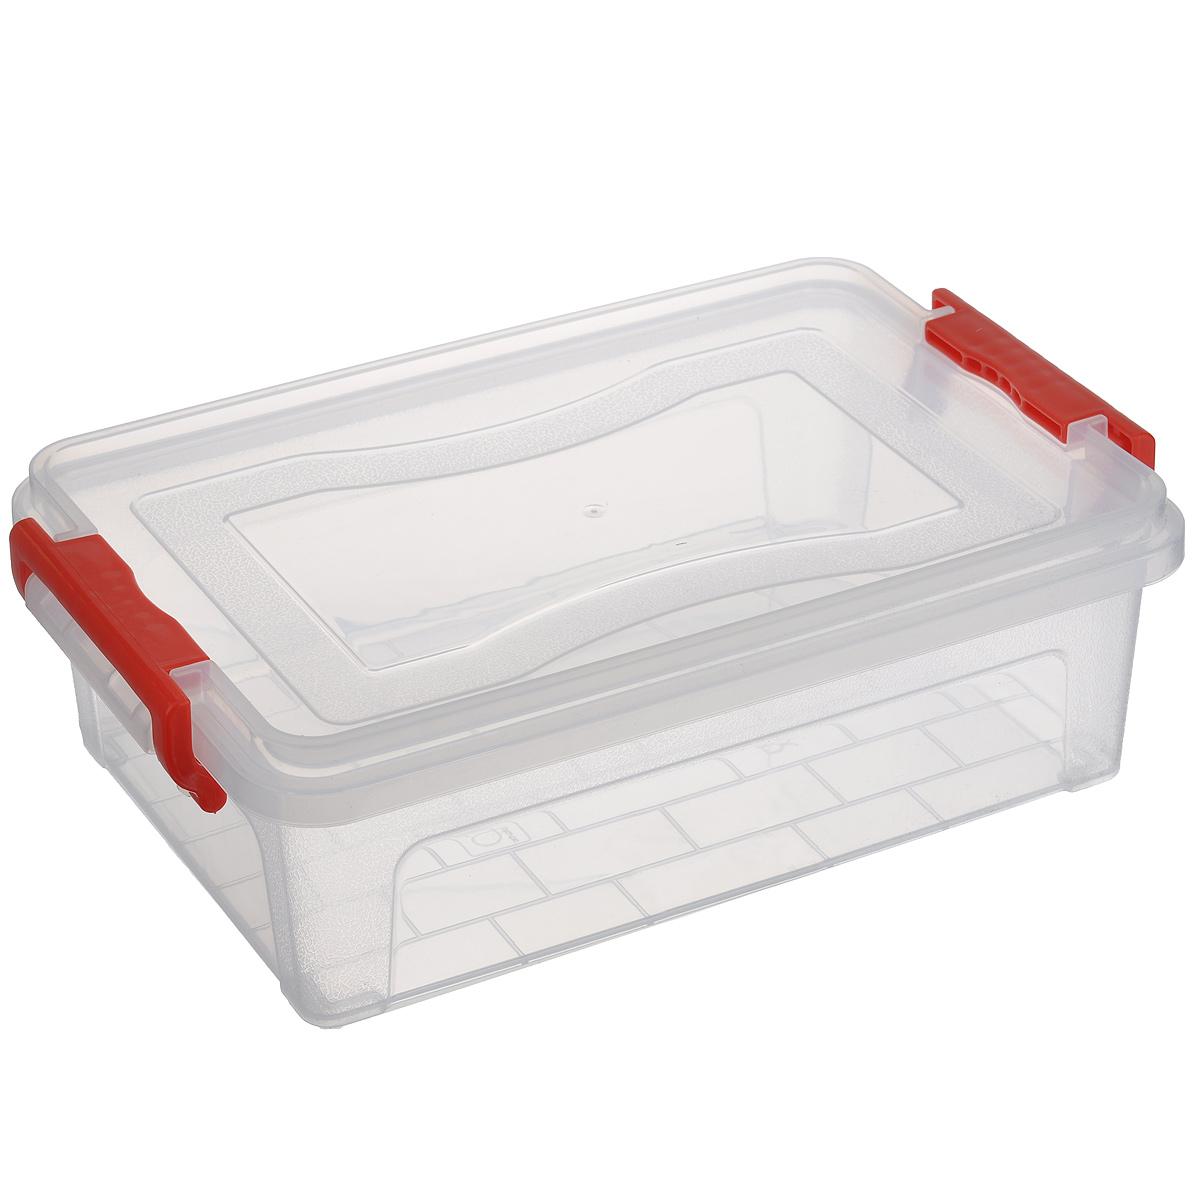 Контейнер для хранения Idea, прямоугольный, цвет: прозрачный, красный, 3,6 лМ 2860Контейнер для хранения Idea выполнен из высококачественного полипропилена. Контейнер снабжен двумя пластиковыми фиксаторами по бокам, придающими дополнительную надежность закрывания крышки. Вместительный контейнер позволит сохранить различные нужные вещи в порядке, а герметичная крышка предотвратит случайное открывание, защитит содержимое от пыли и грязи.